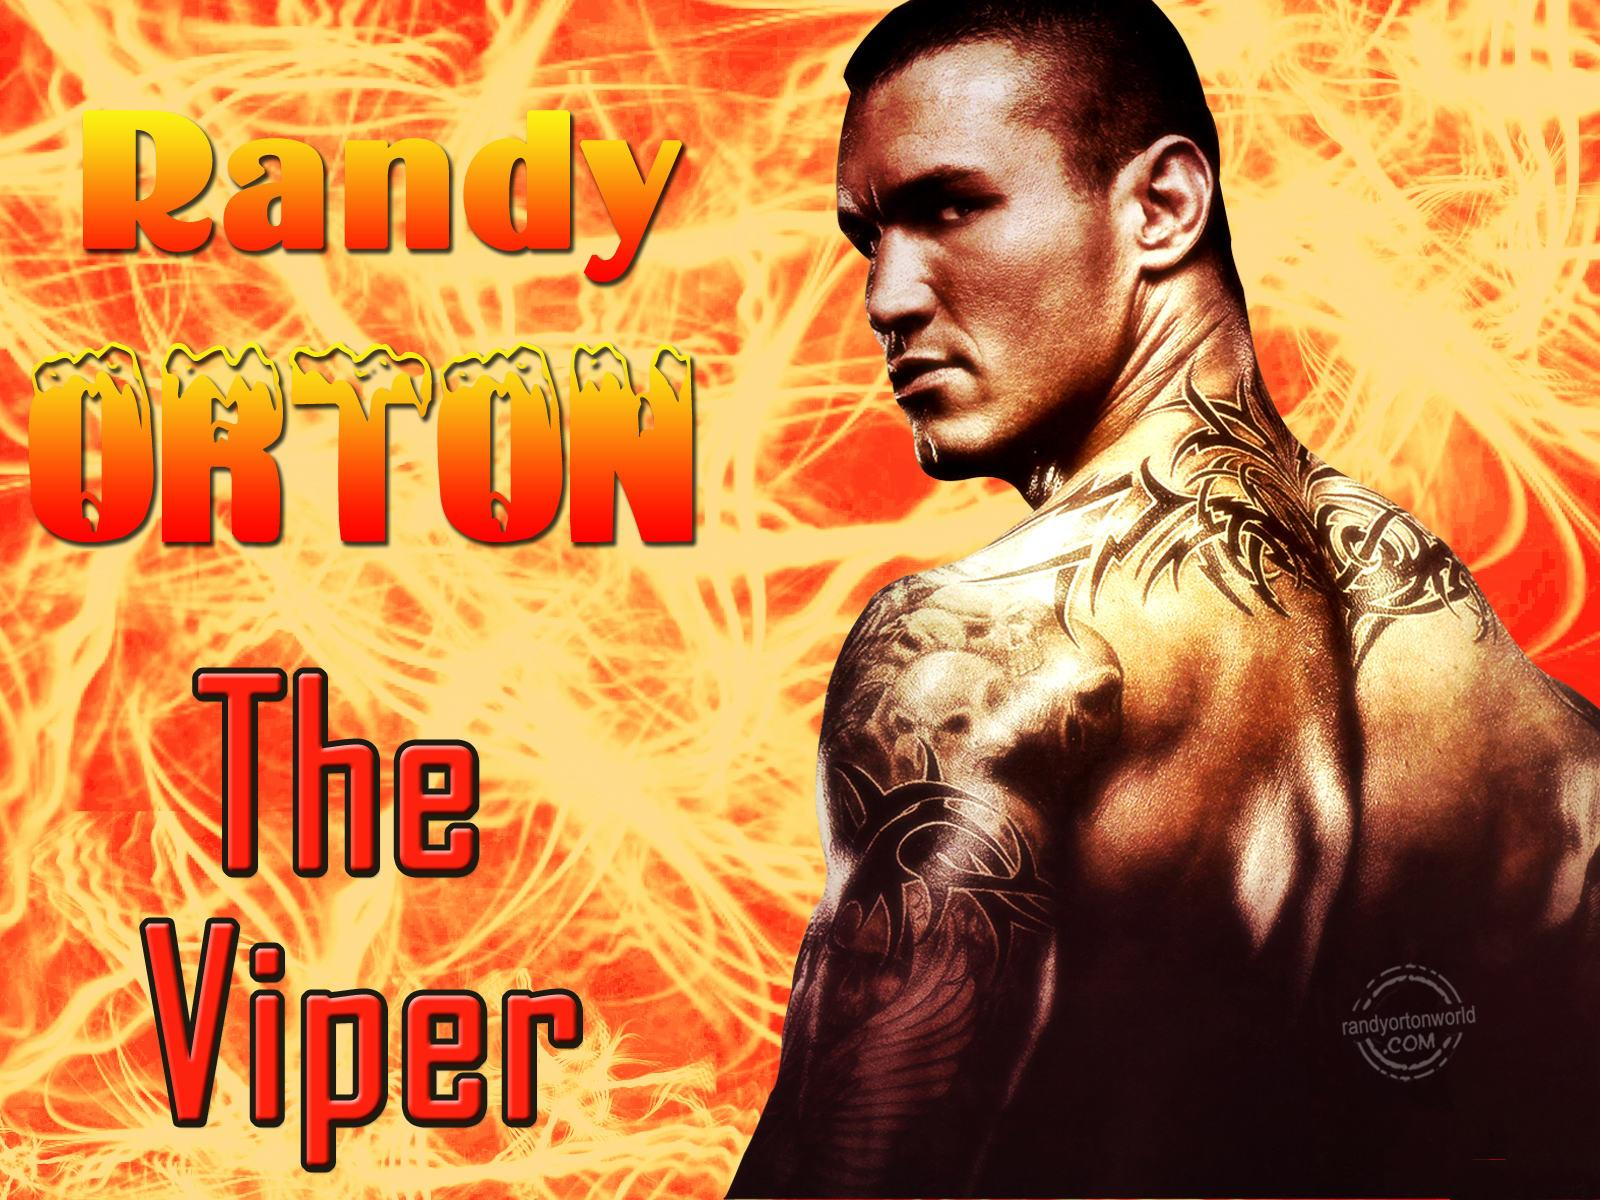 Theviper